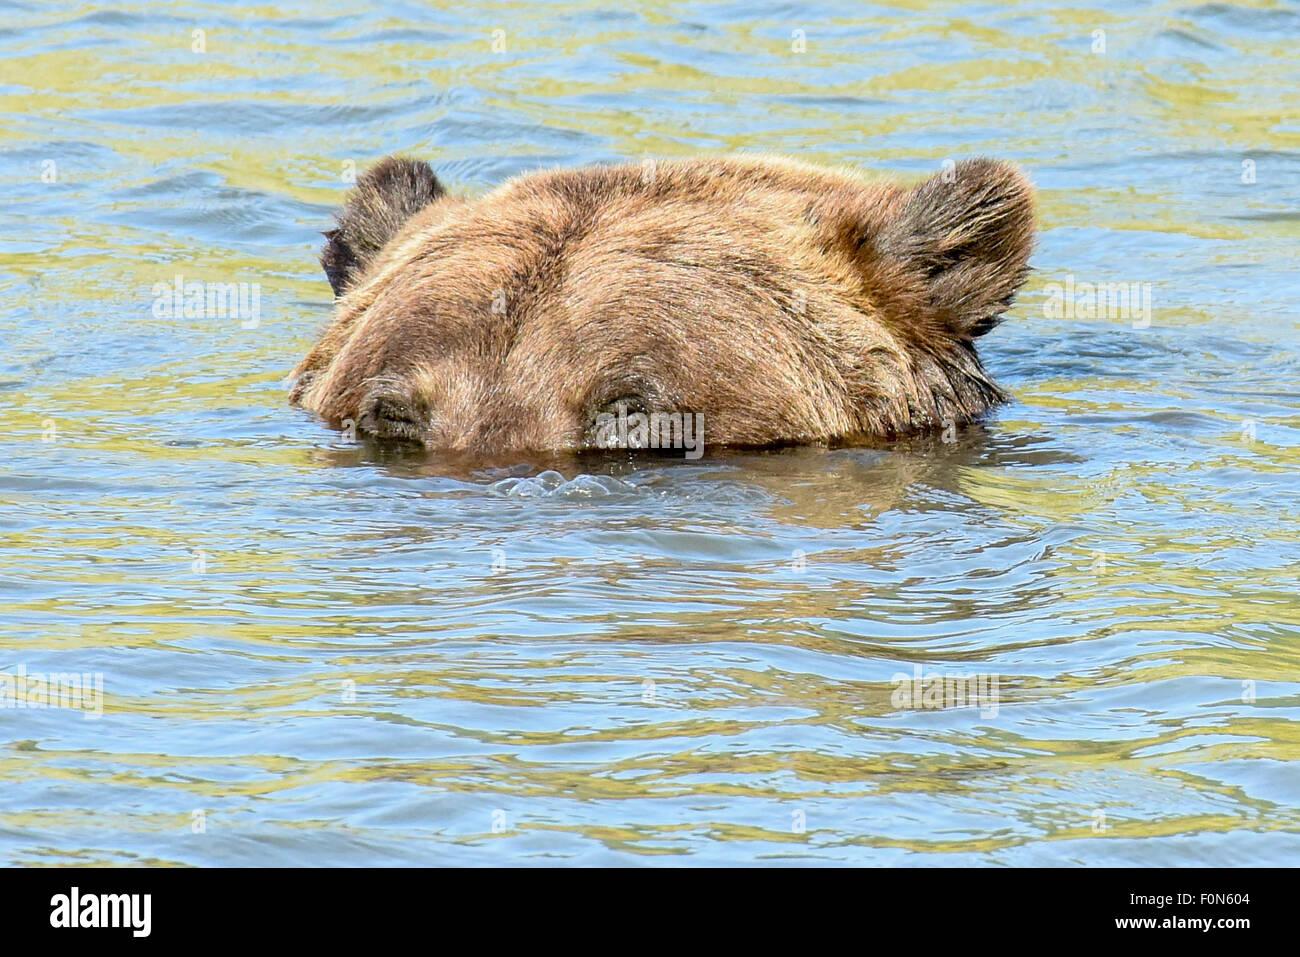 Un ours brun ours / bulles de coups son museau dans un ruisseau près d'Anchorage (Alaska) Photo Stock